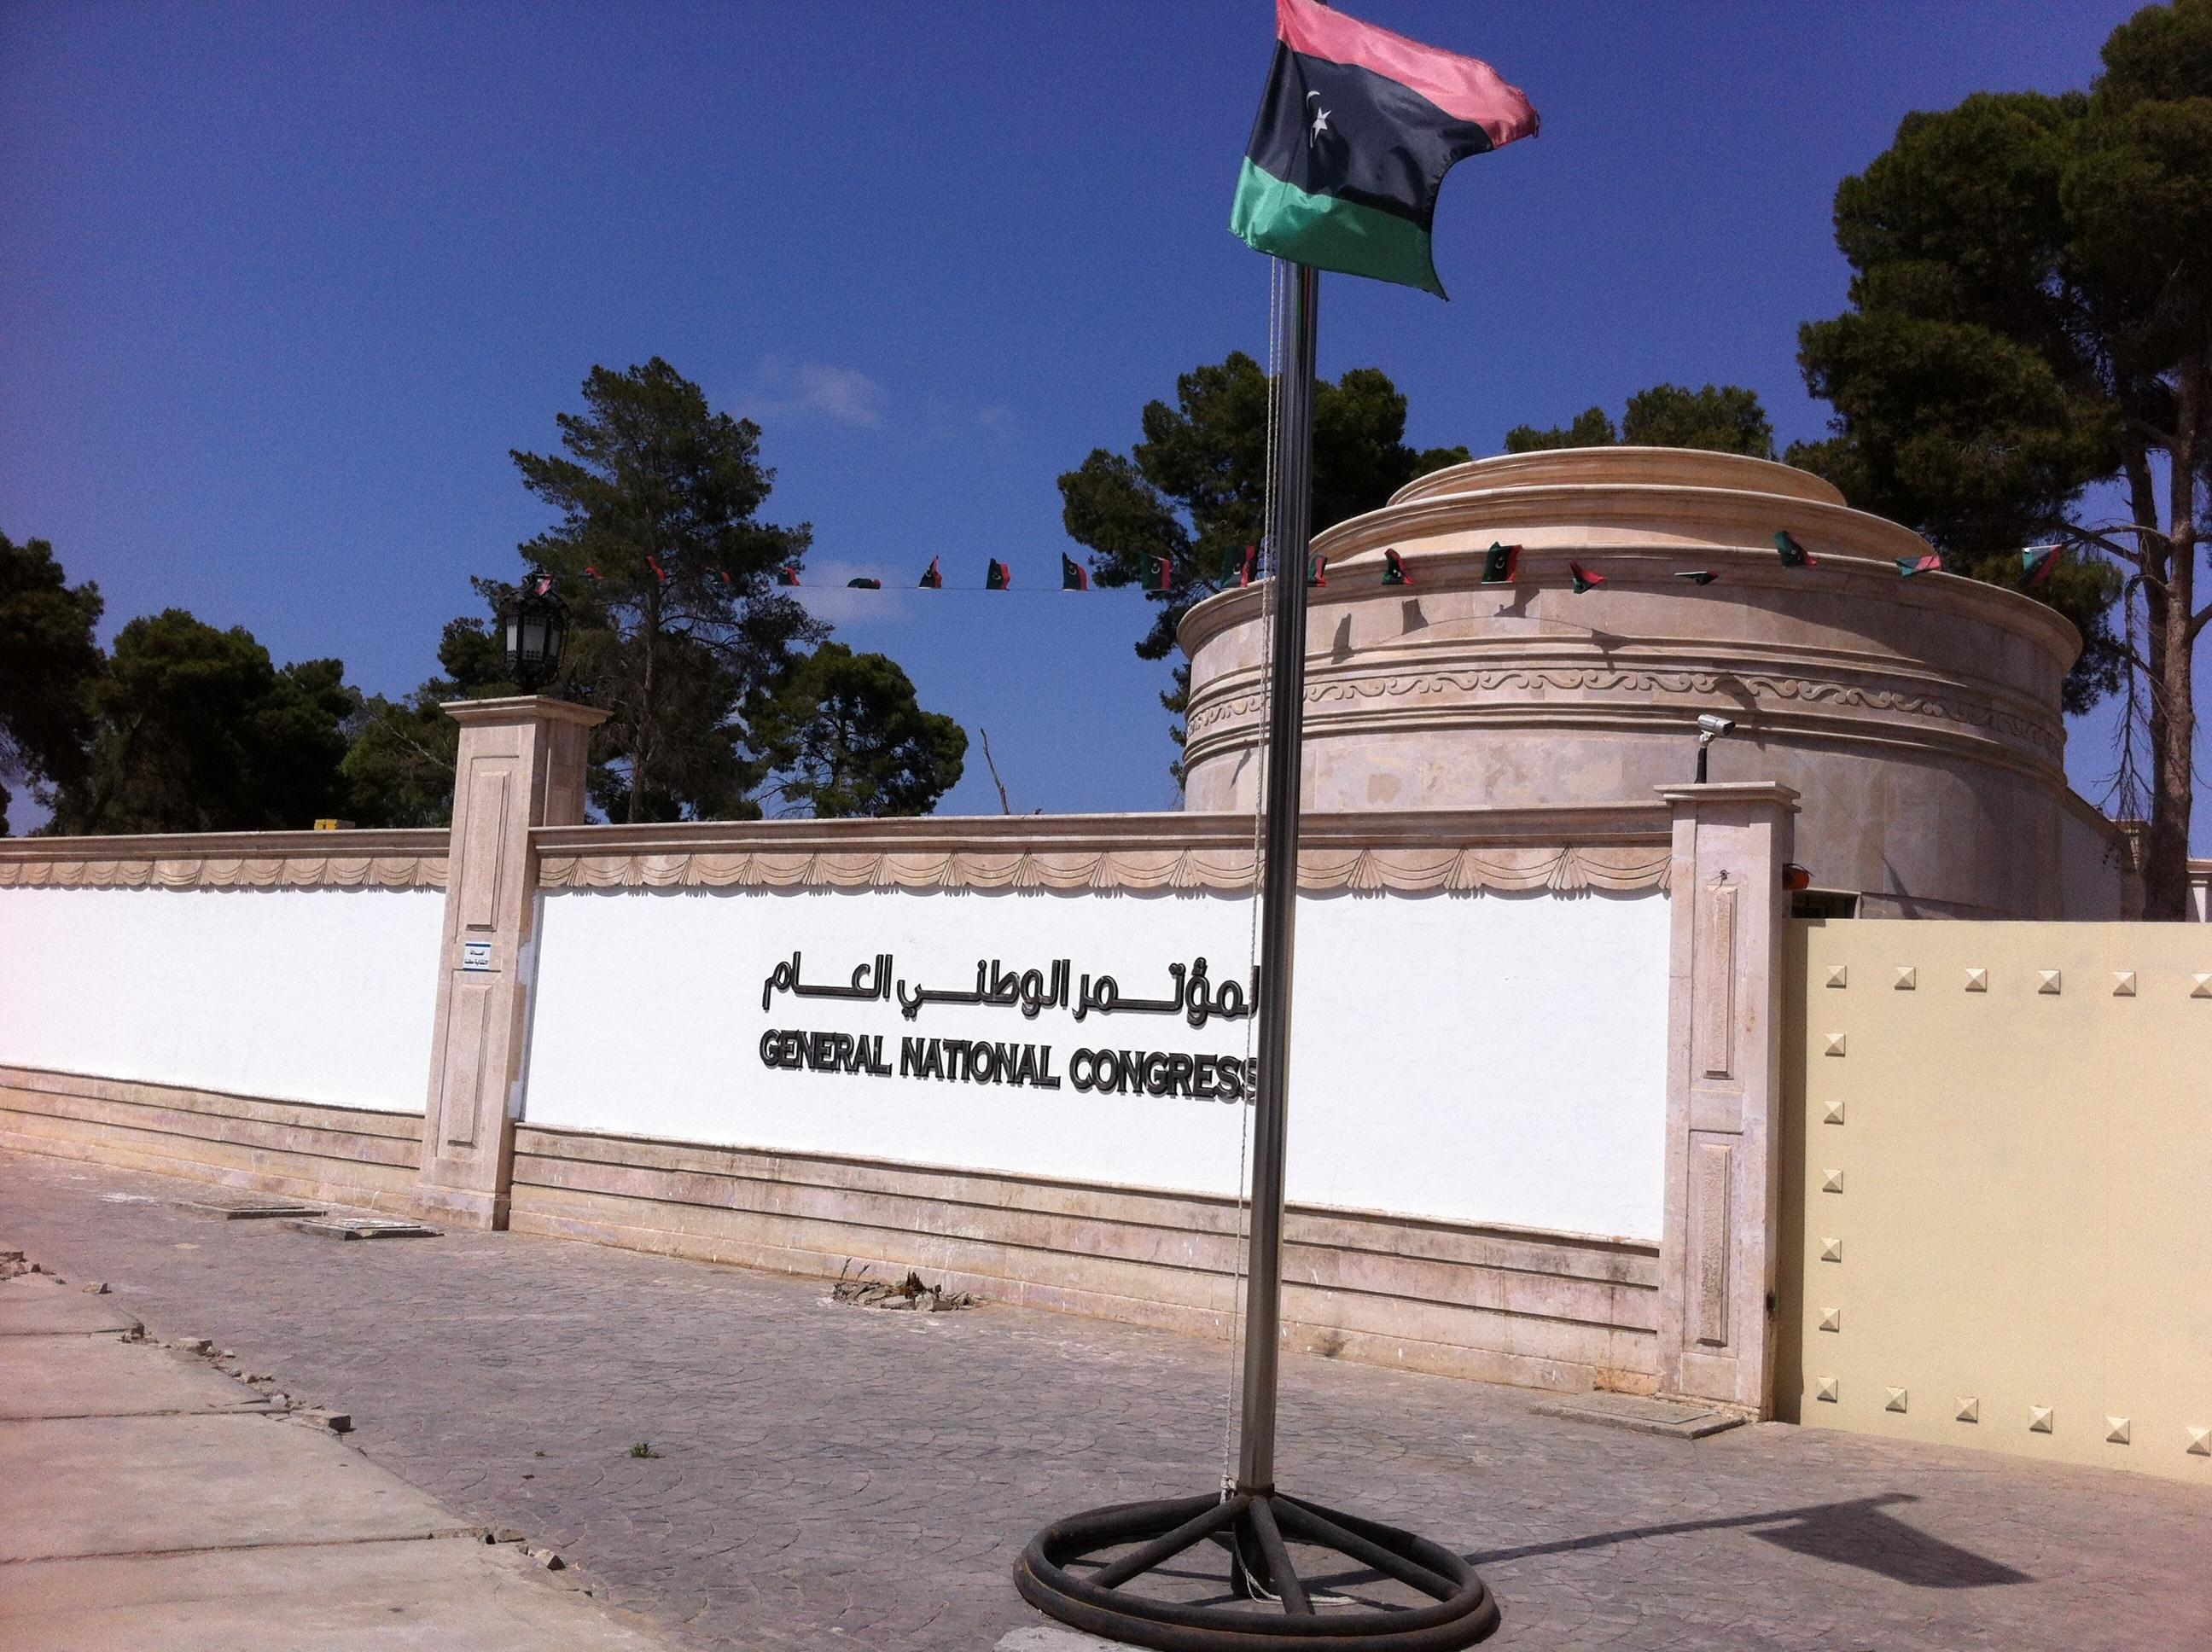 إطلاق نار قرب مقر المؤتمر الوطني العام يعيد التوتر إلى طرابلس